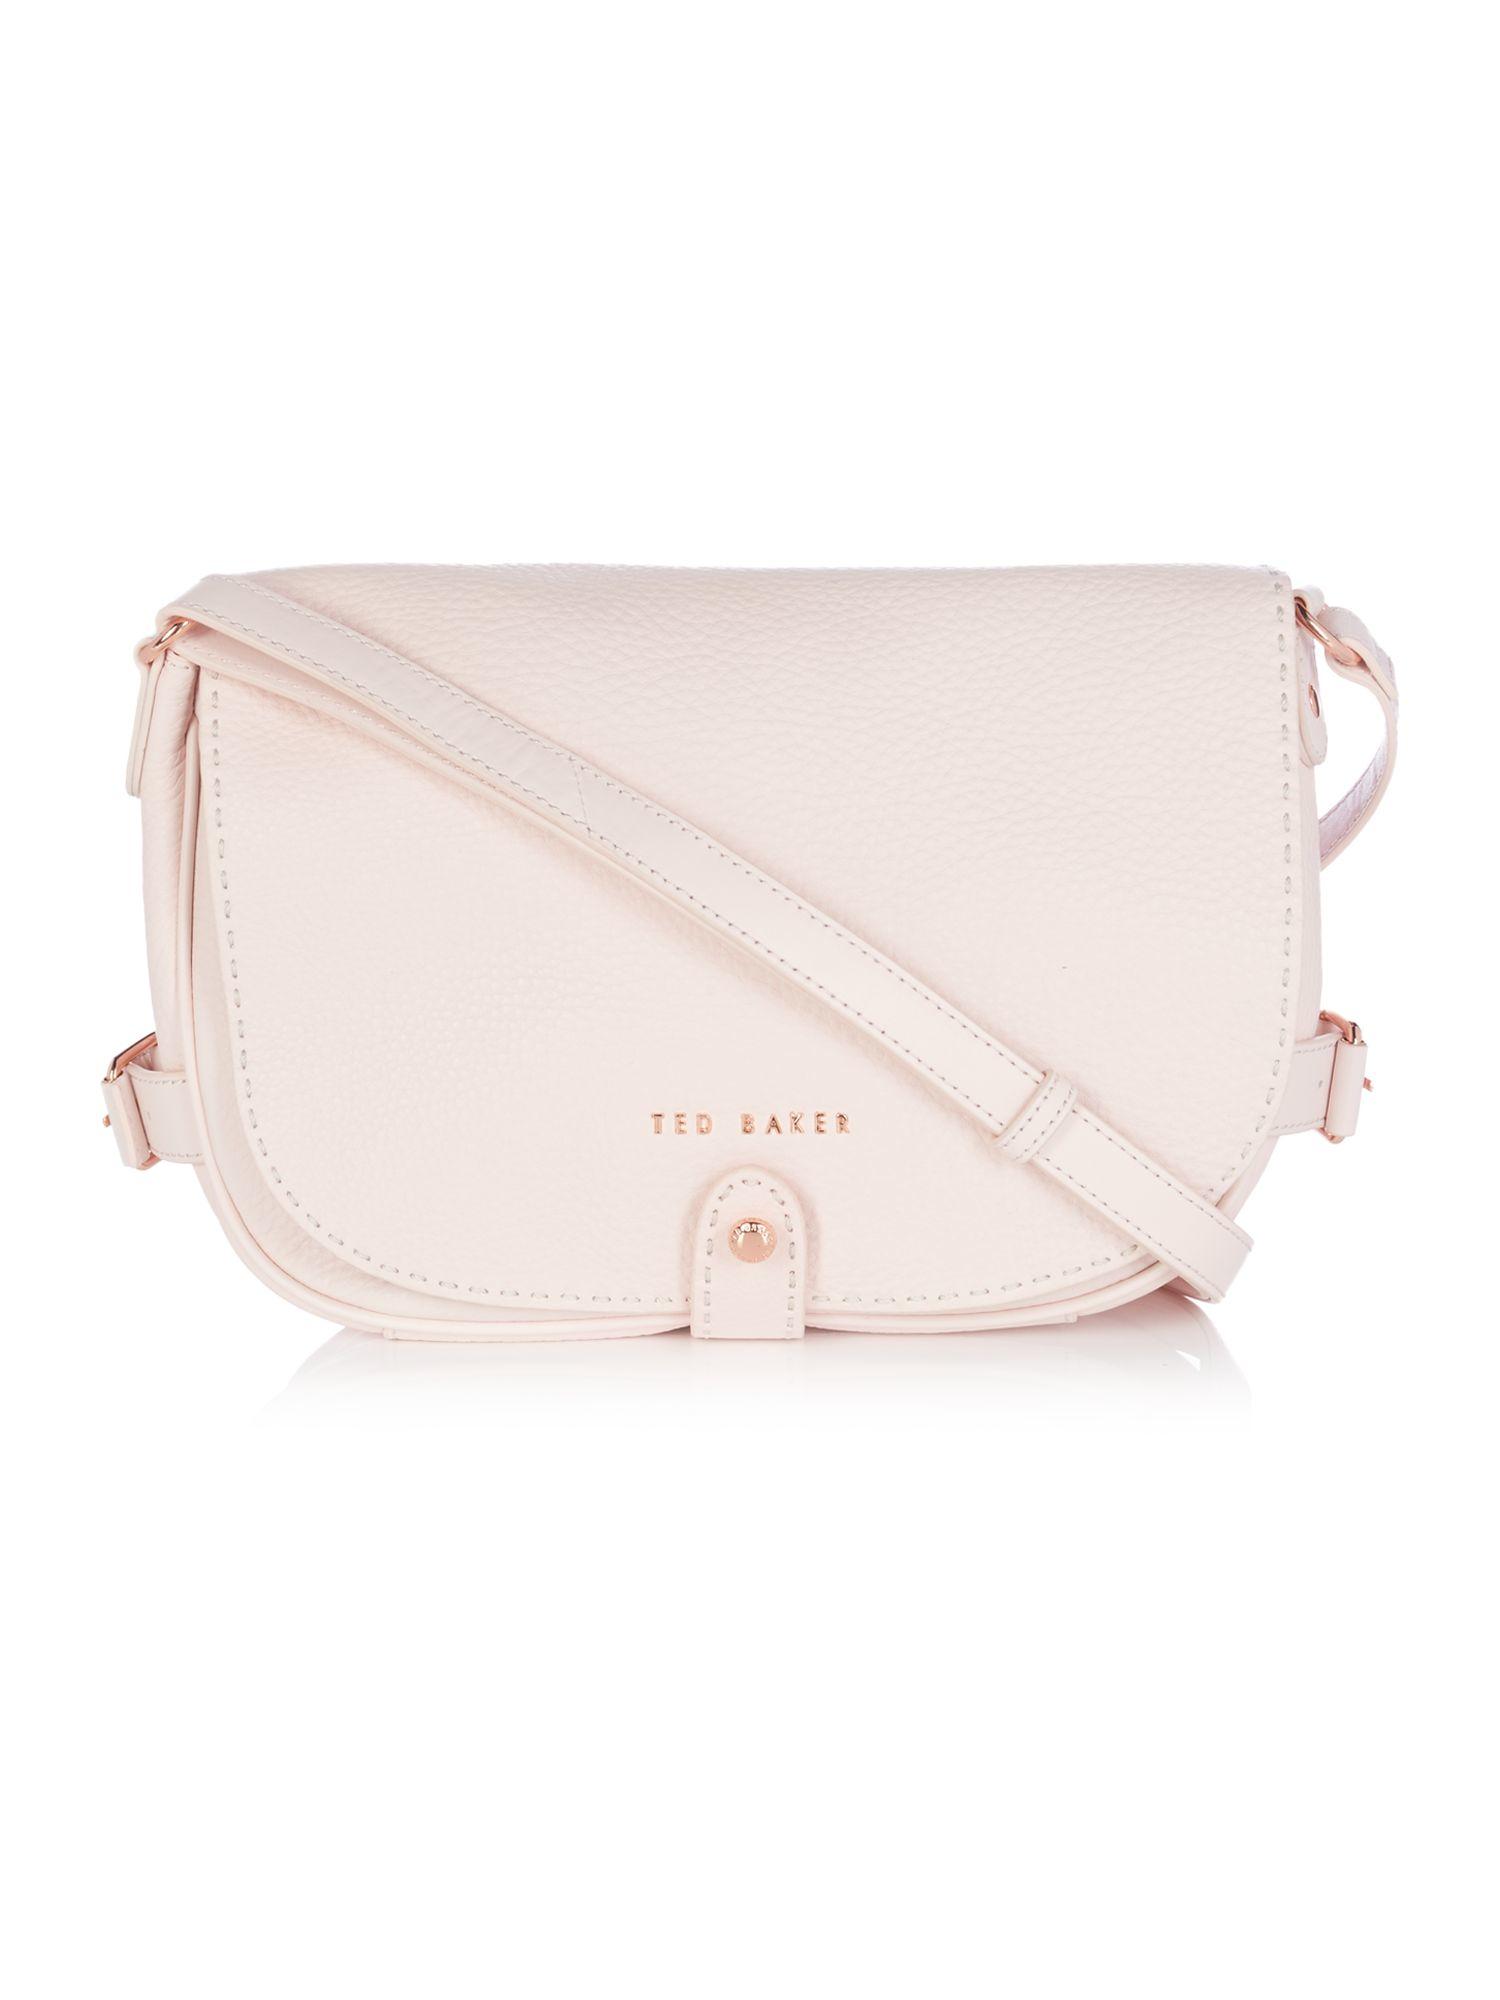 Ted baker Regan Light Pink Leather Shoulder Bag in Pink | Lyst